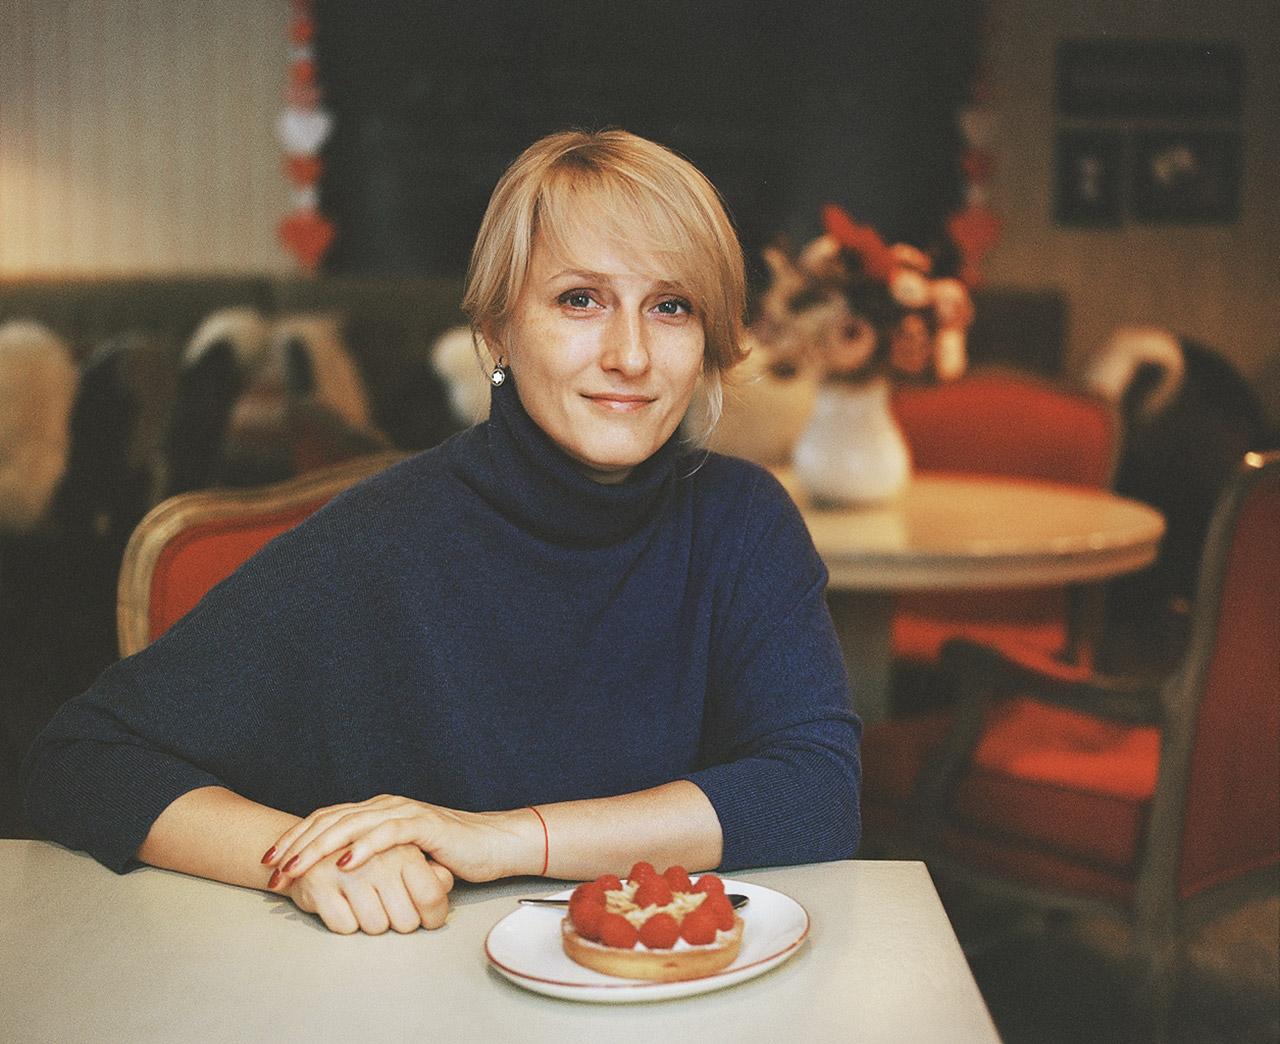 Анастасия Татулова открывала «Андерсон» в первую очередь как кондитерскую за Третьим кольцом — а получилось самое успешное детское кафе в городе. Причем во множественном числе